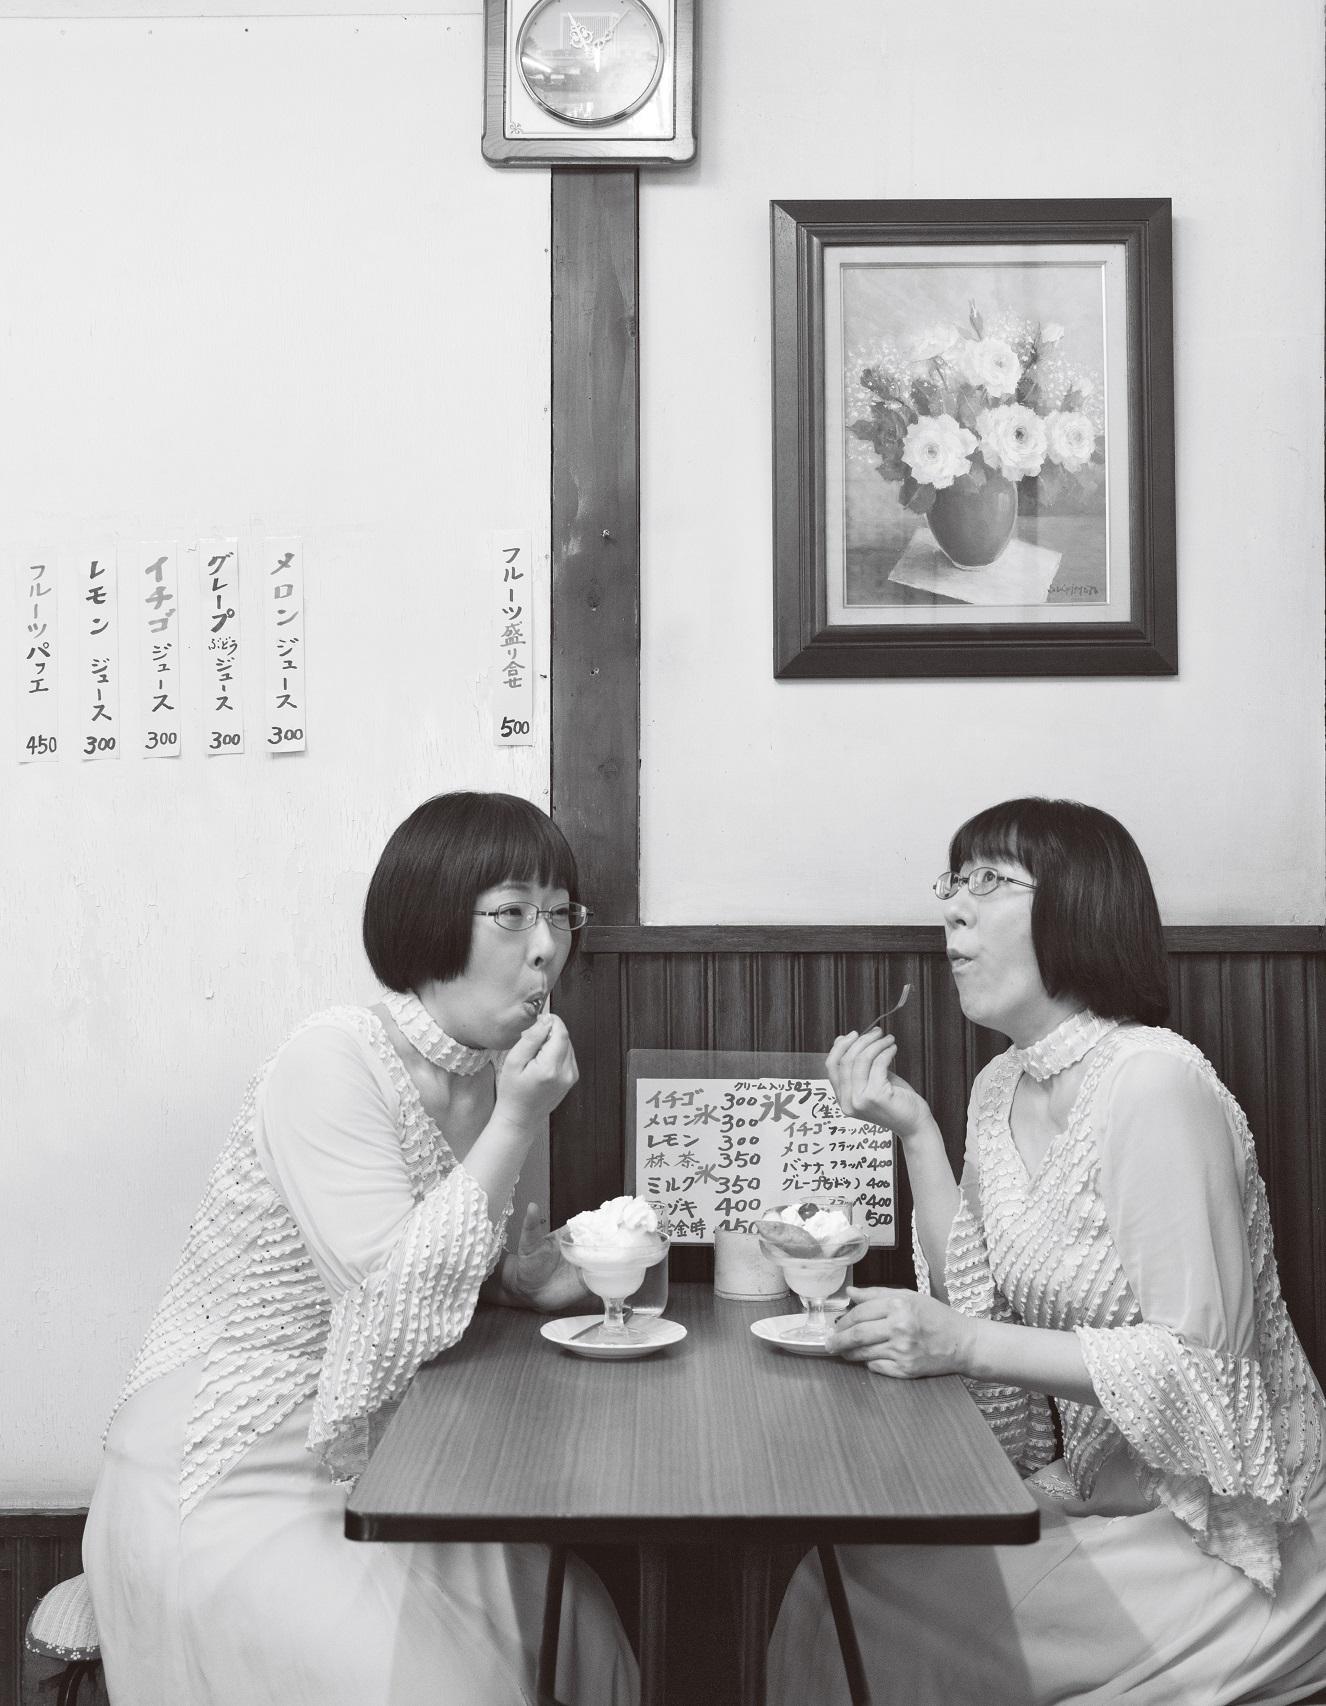 結婚 阿佐ヶ谷 姉妹